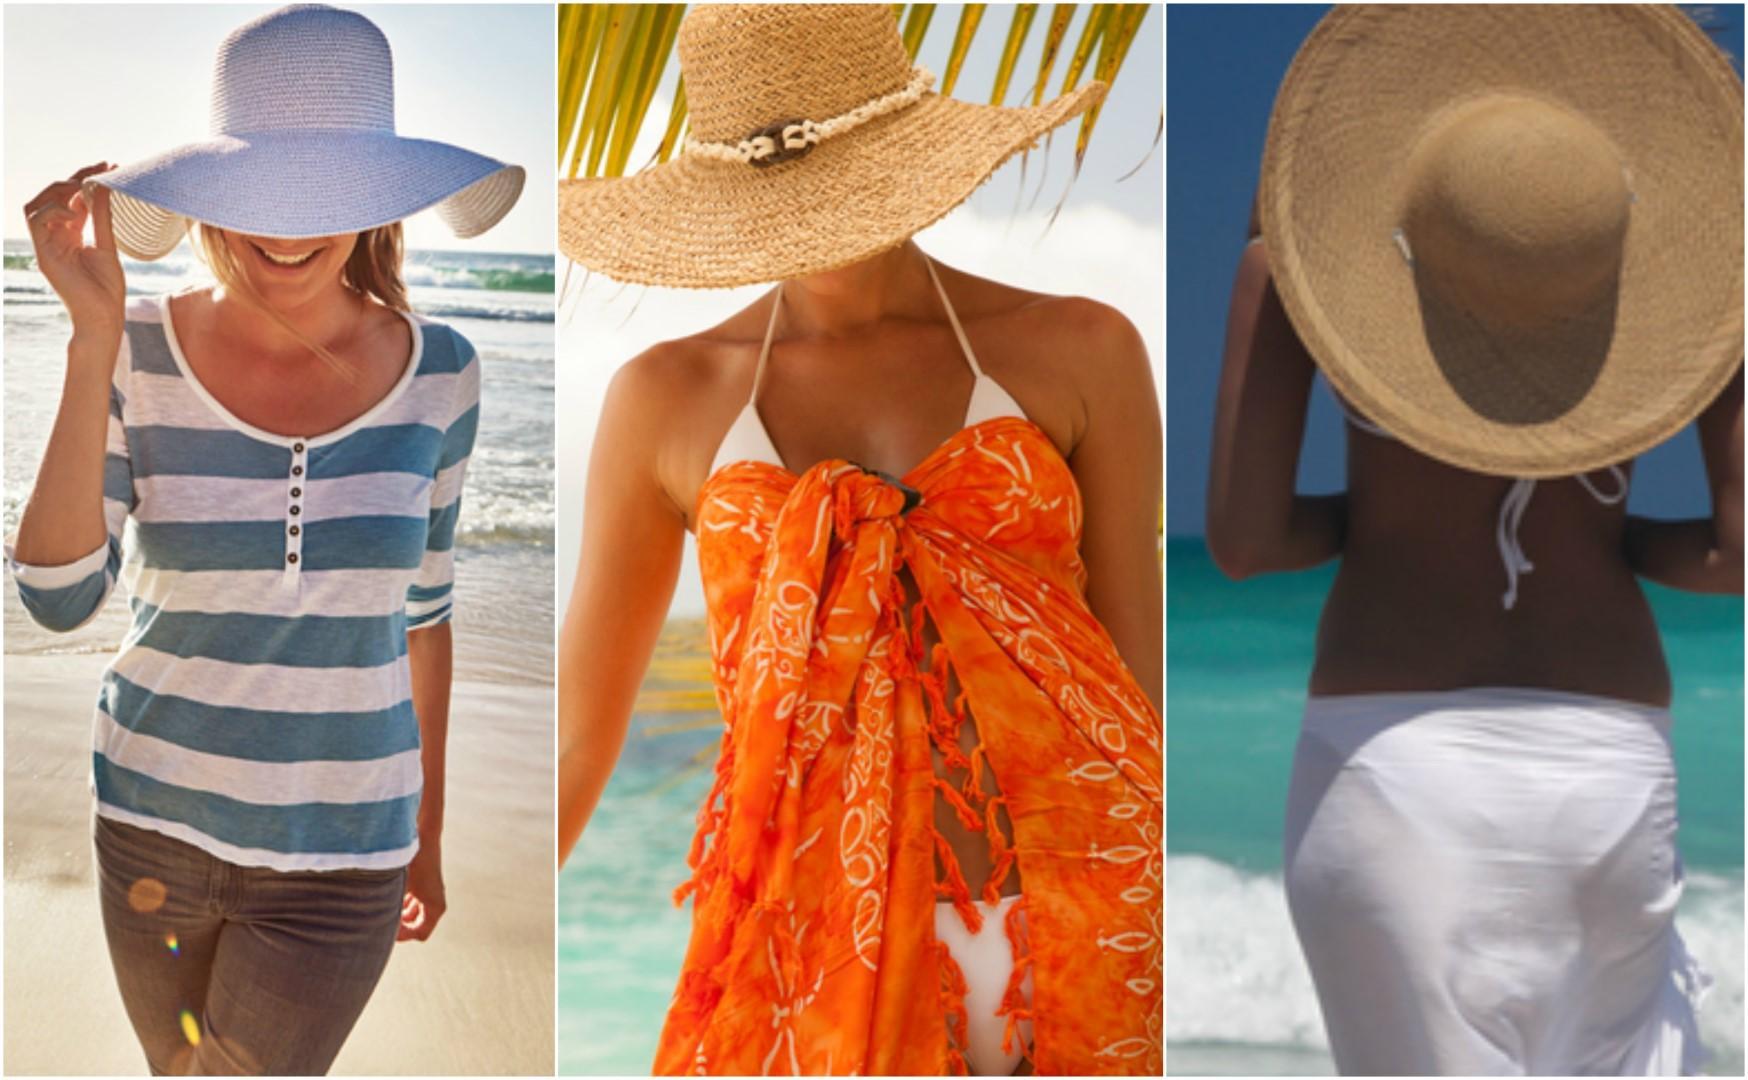 46d17ea4e8ce Moda  cosa indossare in spiaggia quando si superano gli anta - Tgcom24